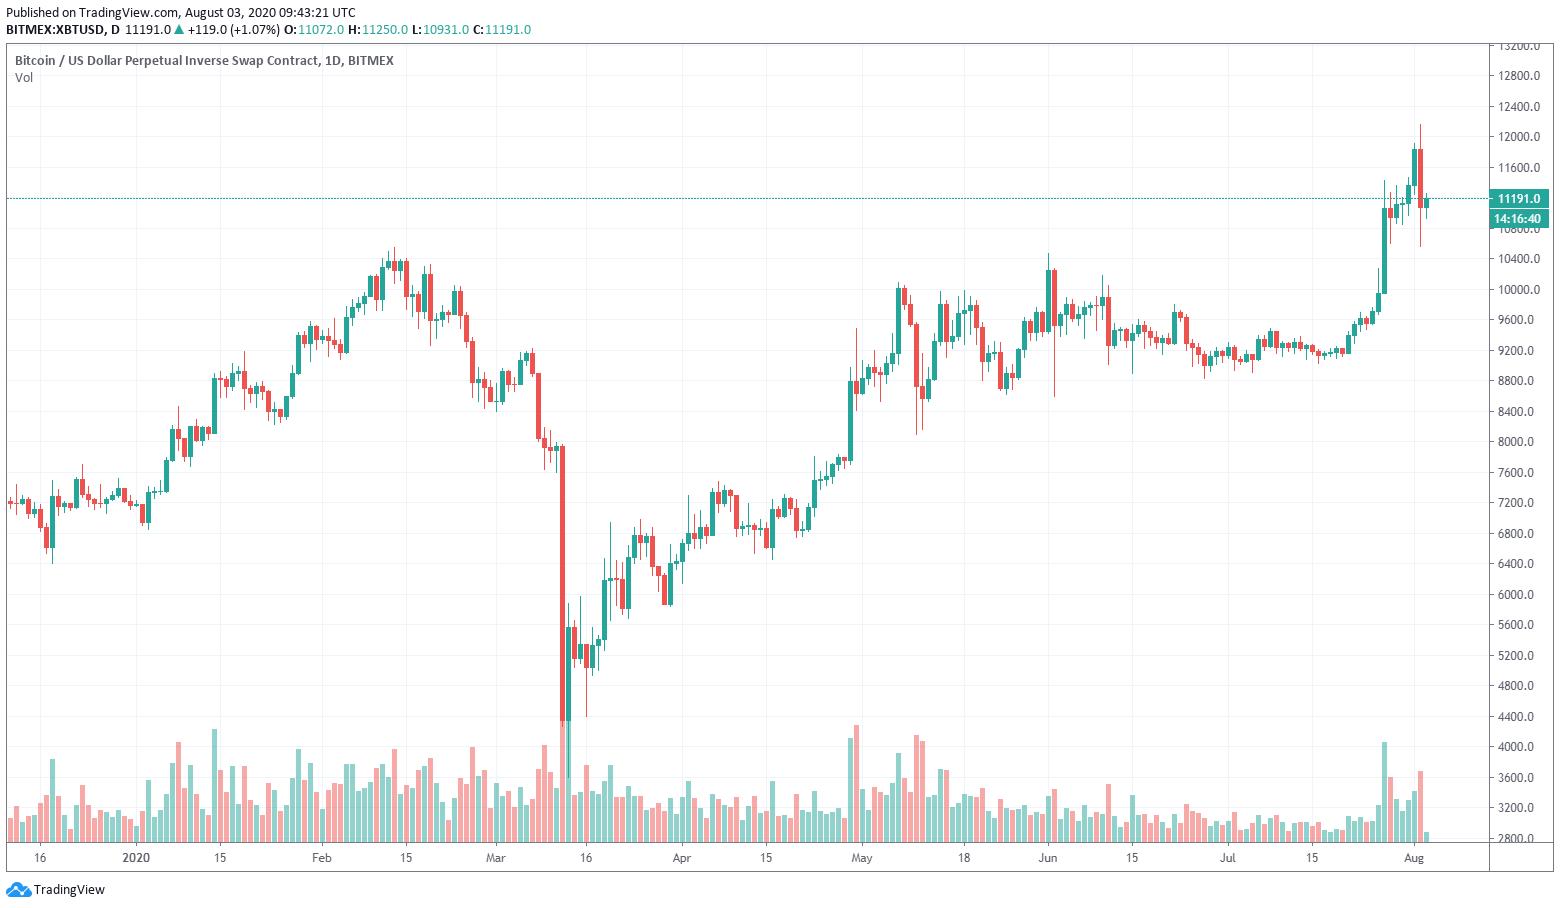 Ieri Bitcoin ha temporaneamente superato i 12.000$